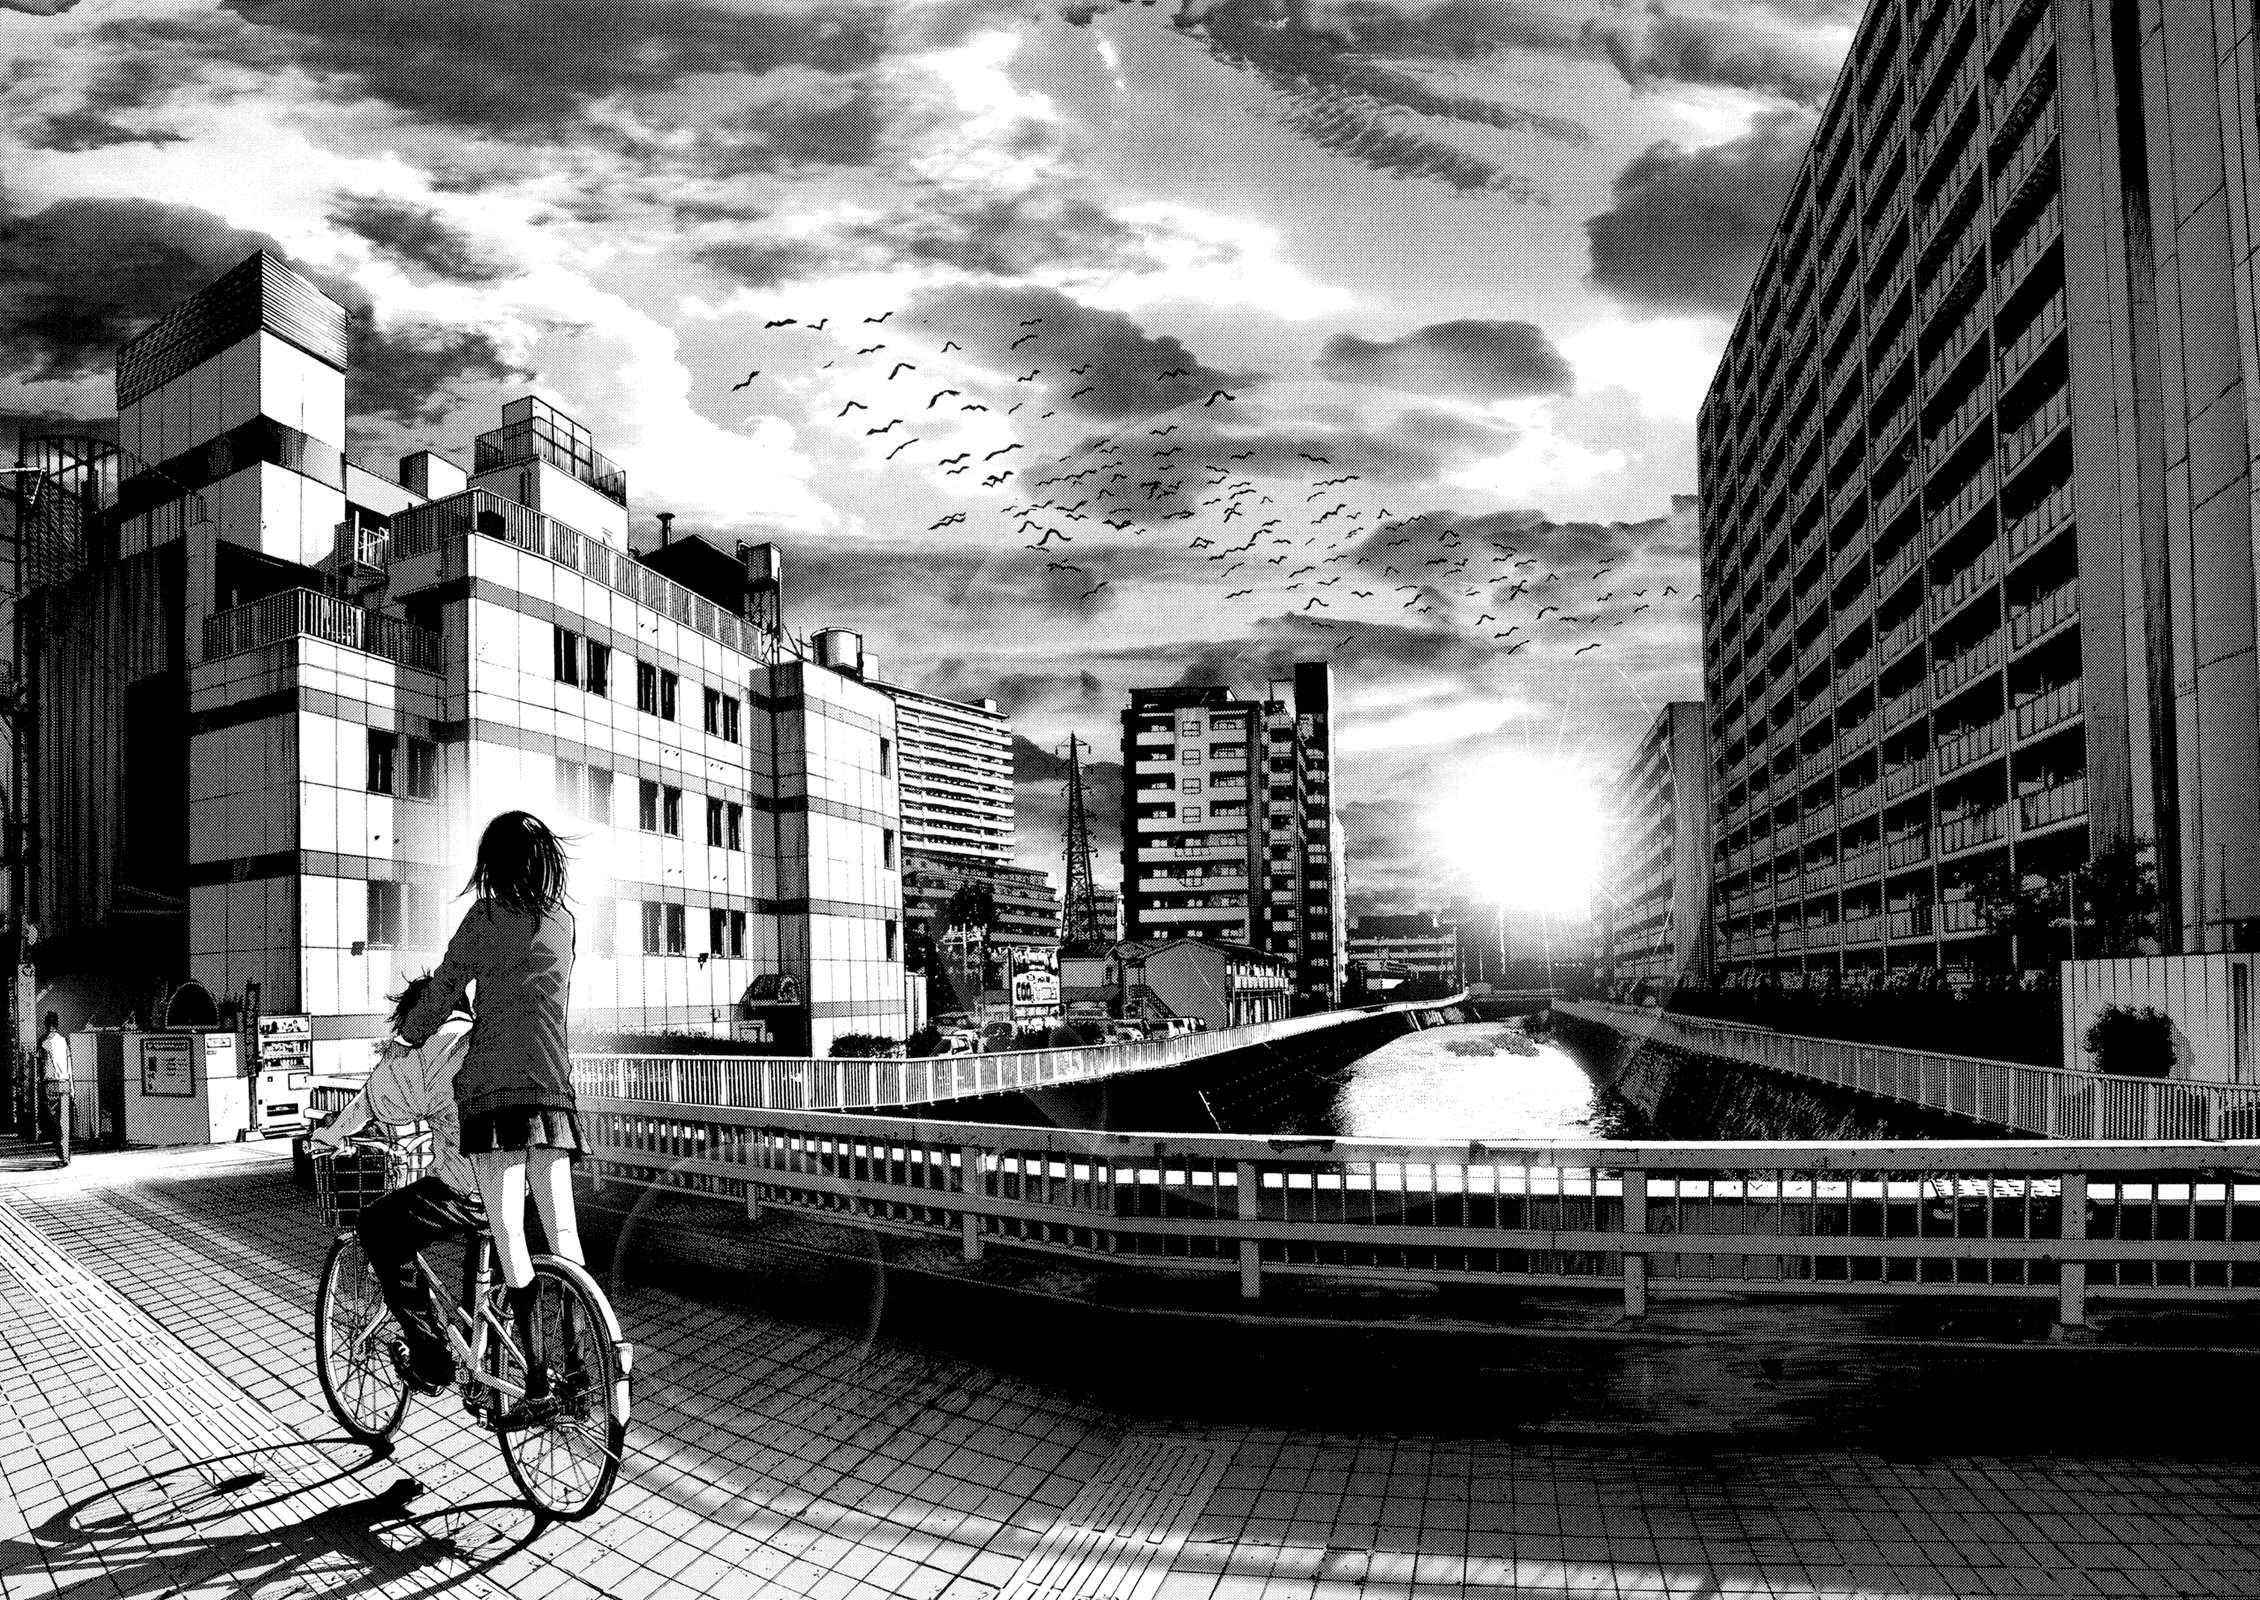 Asano Inio 1